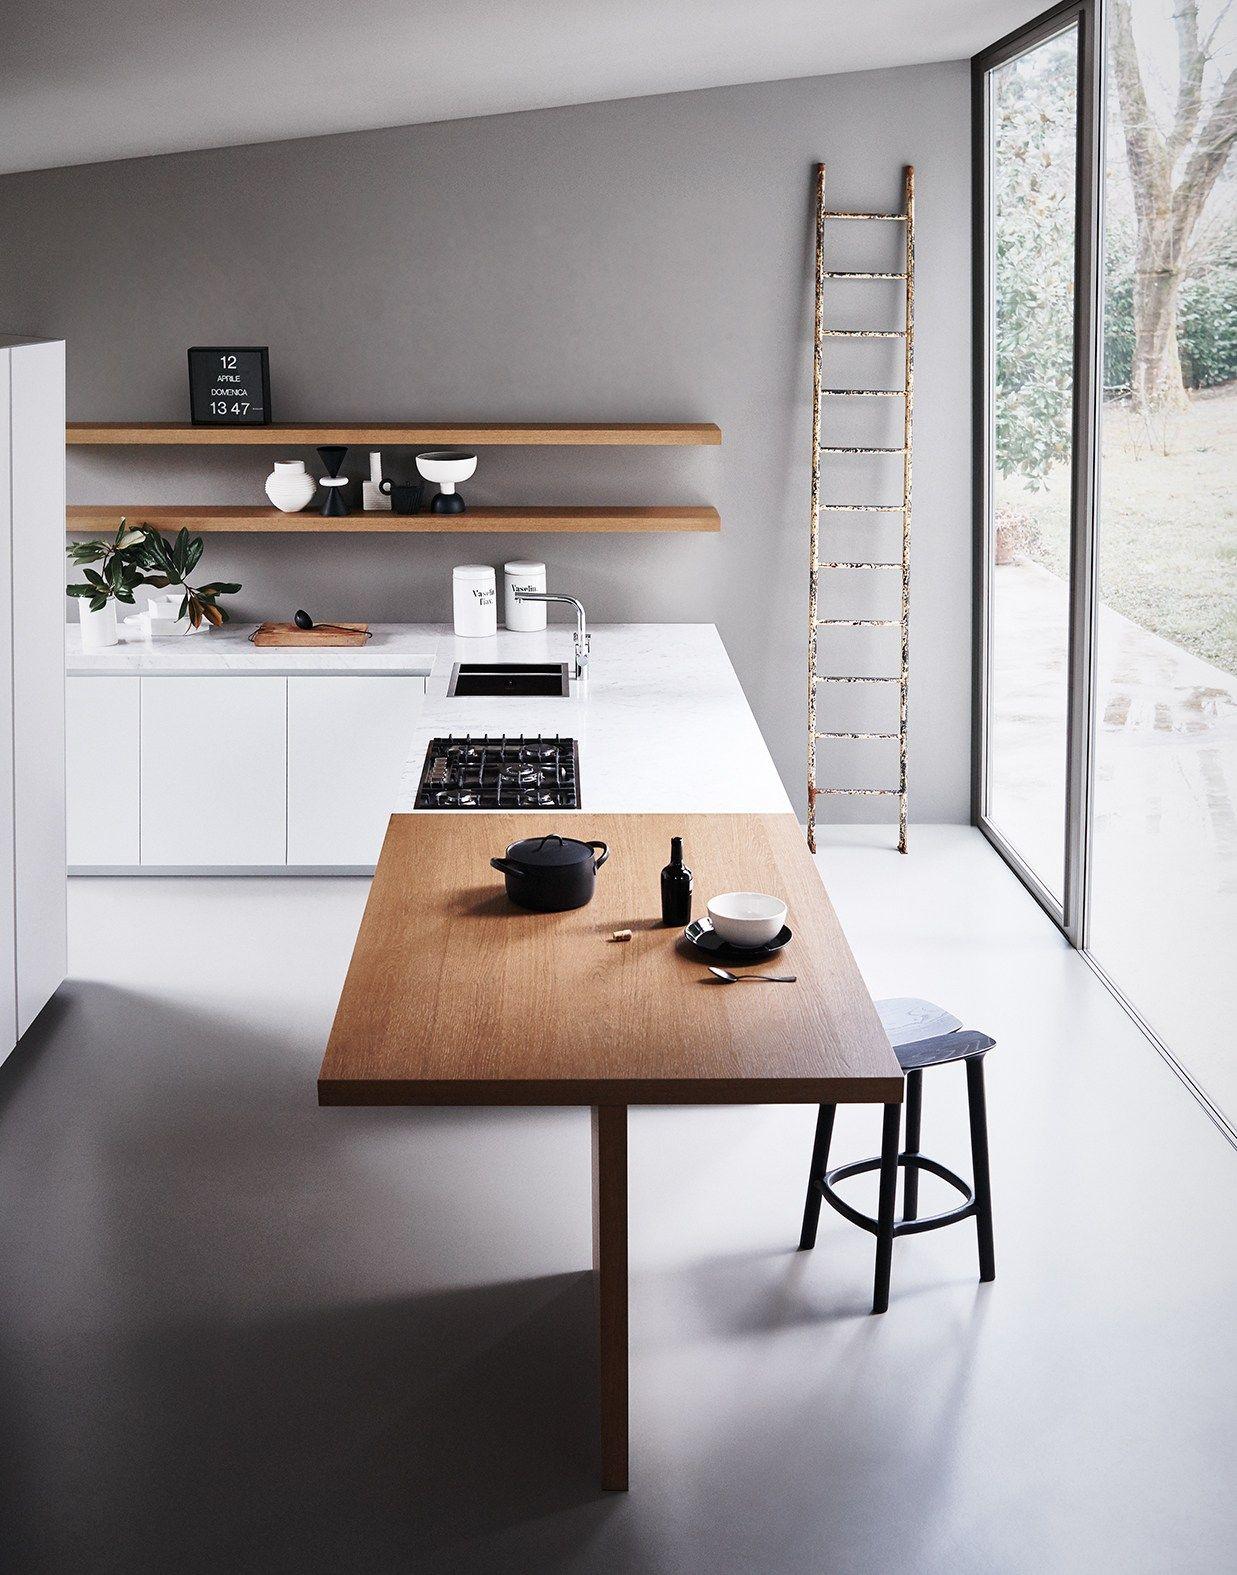 Graue Wände Zu Weißer Küche. #KOLORAT #Wandfarbe #Wohnideen #interior #Grau  #grey